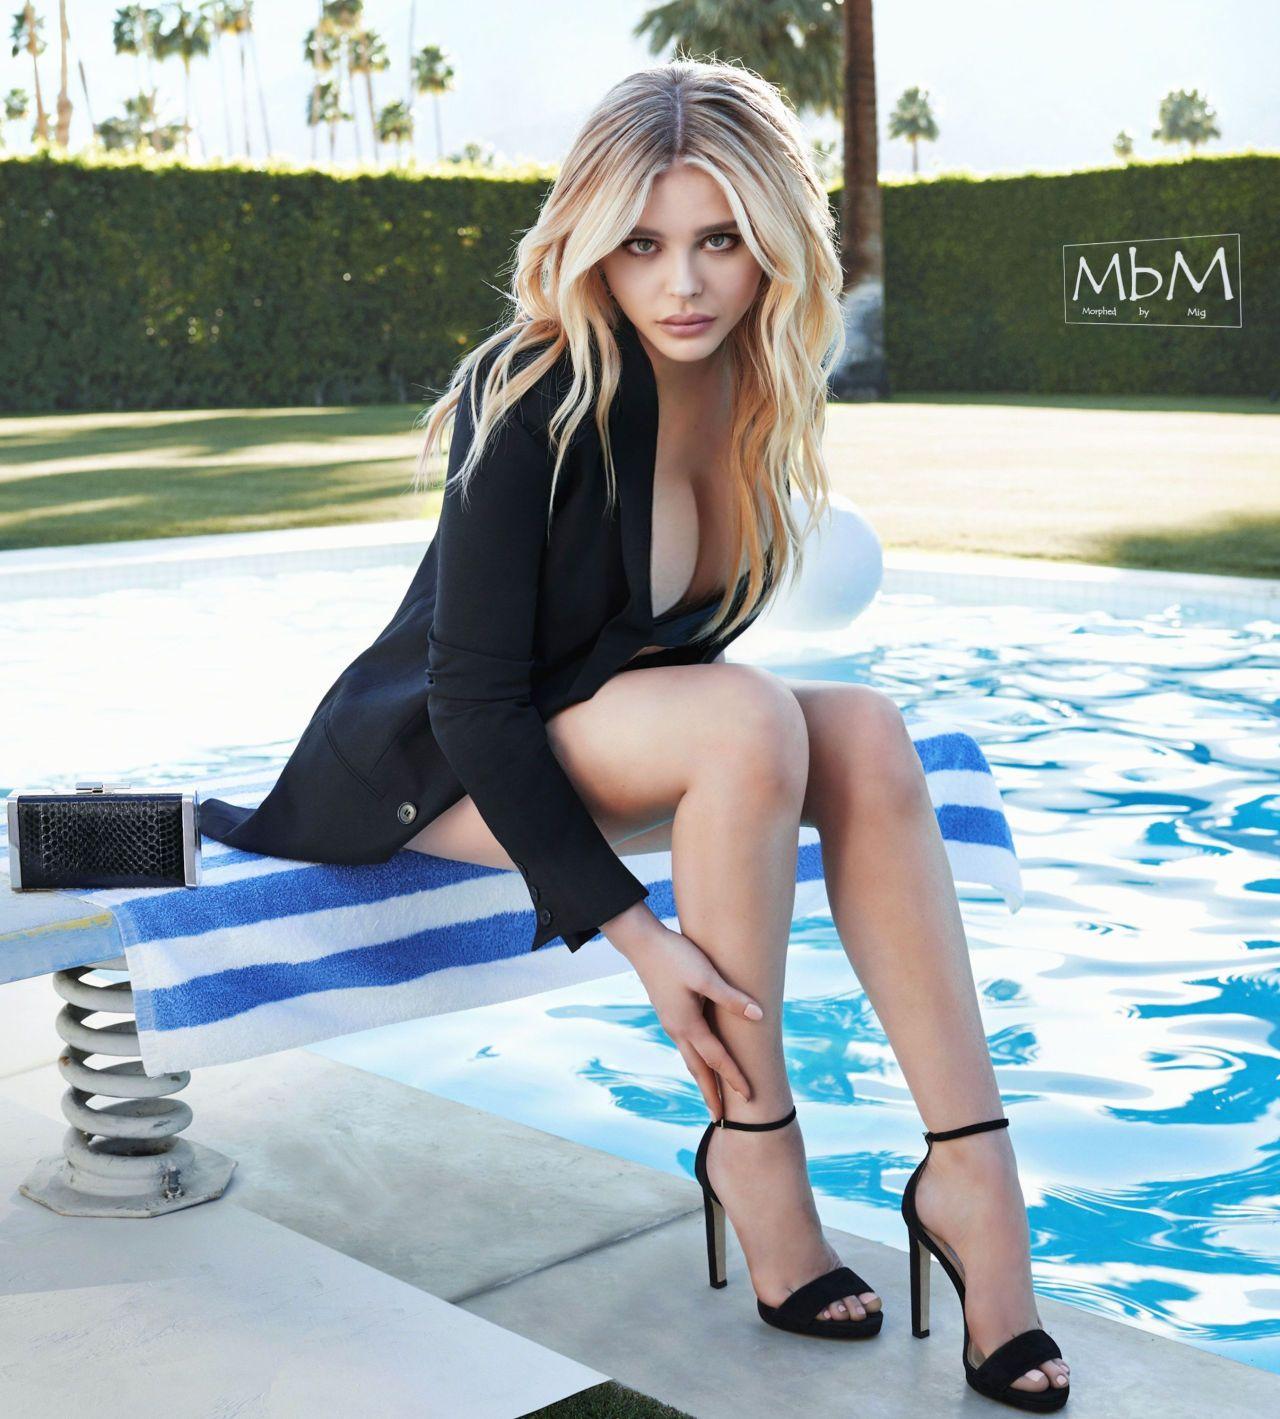 Chloe Grace Moretz, Fitness Models